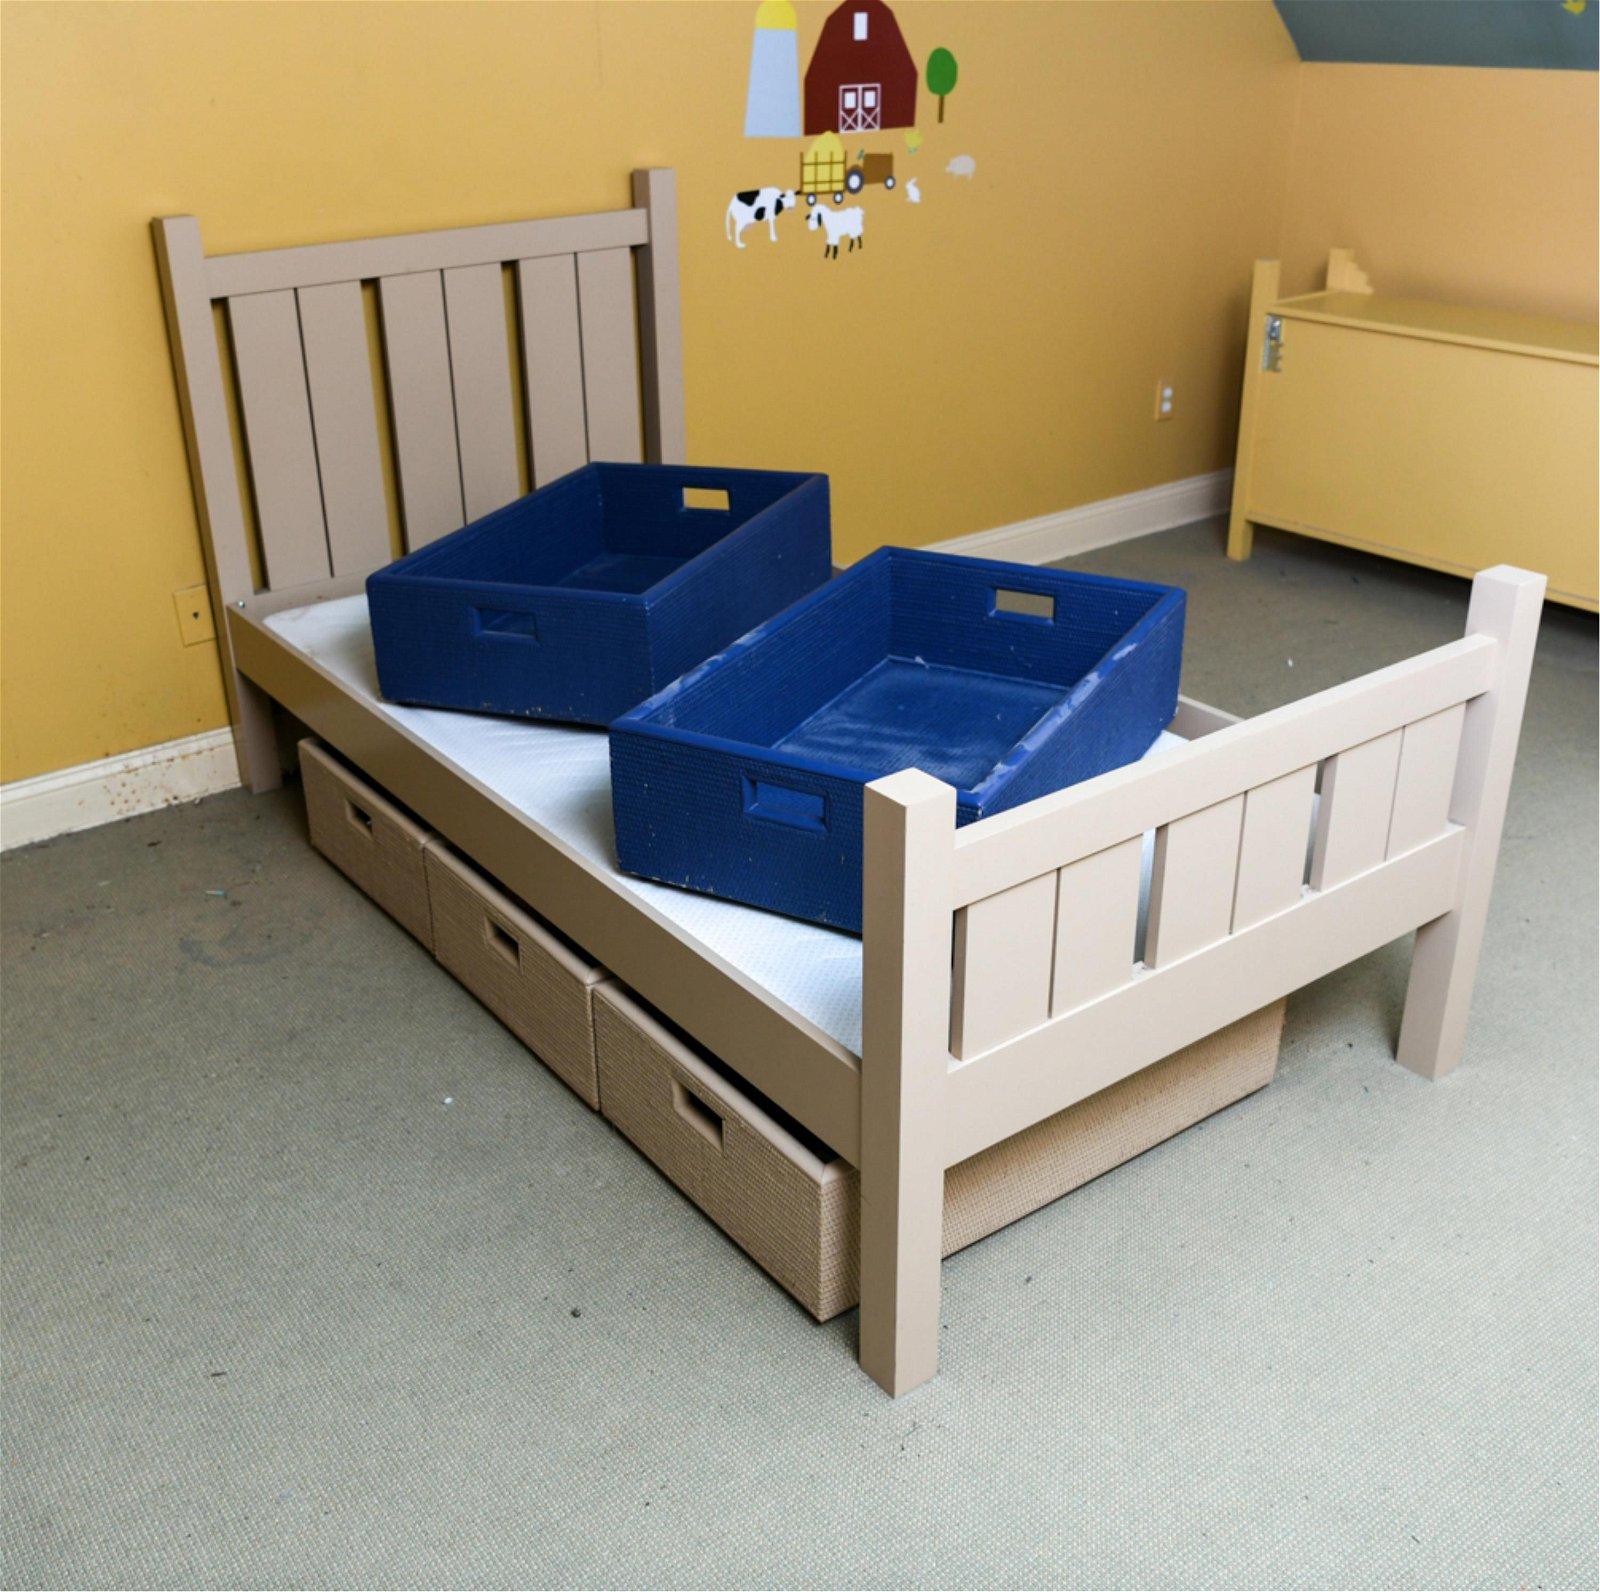 MAINE COTTAGE TWIN BED & STORAGE BINS